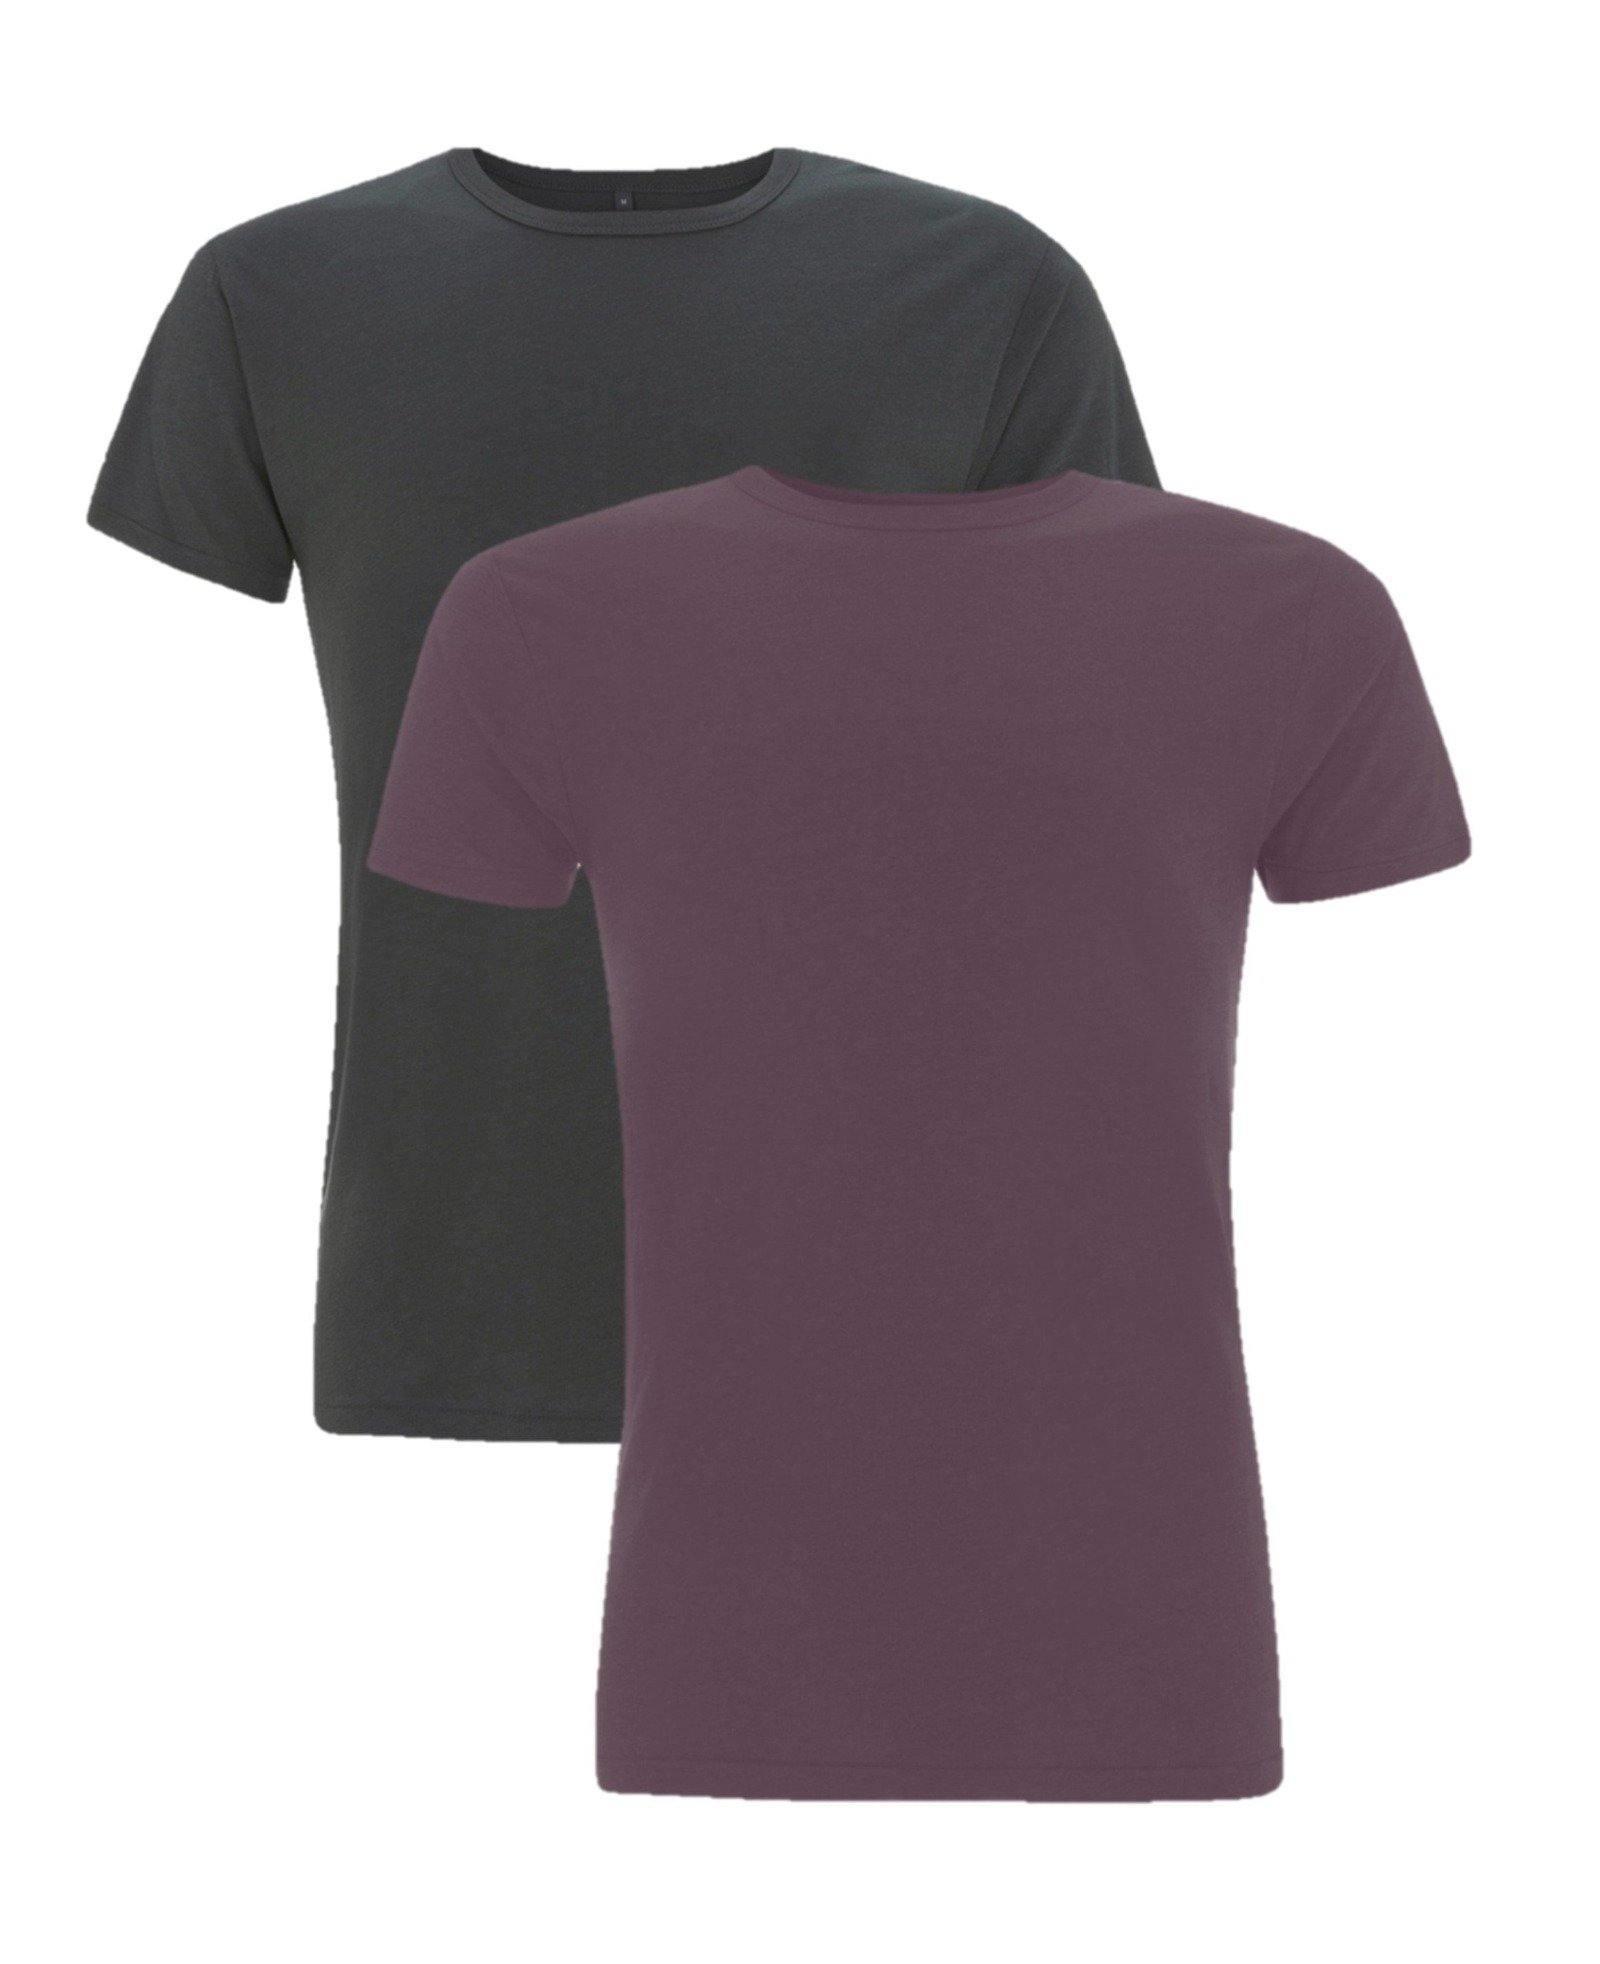 Cayboo bamboe t-shirt heren 2-pack mix zwart/paars